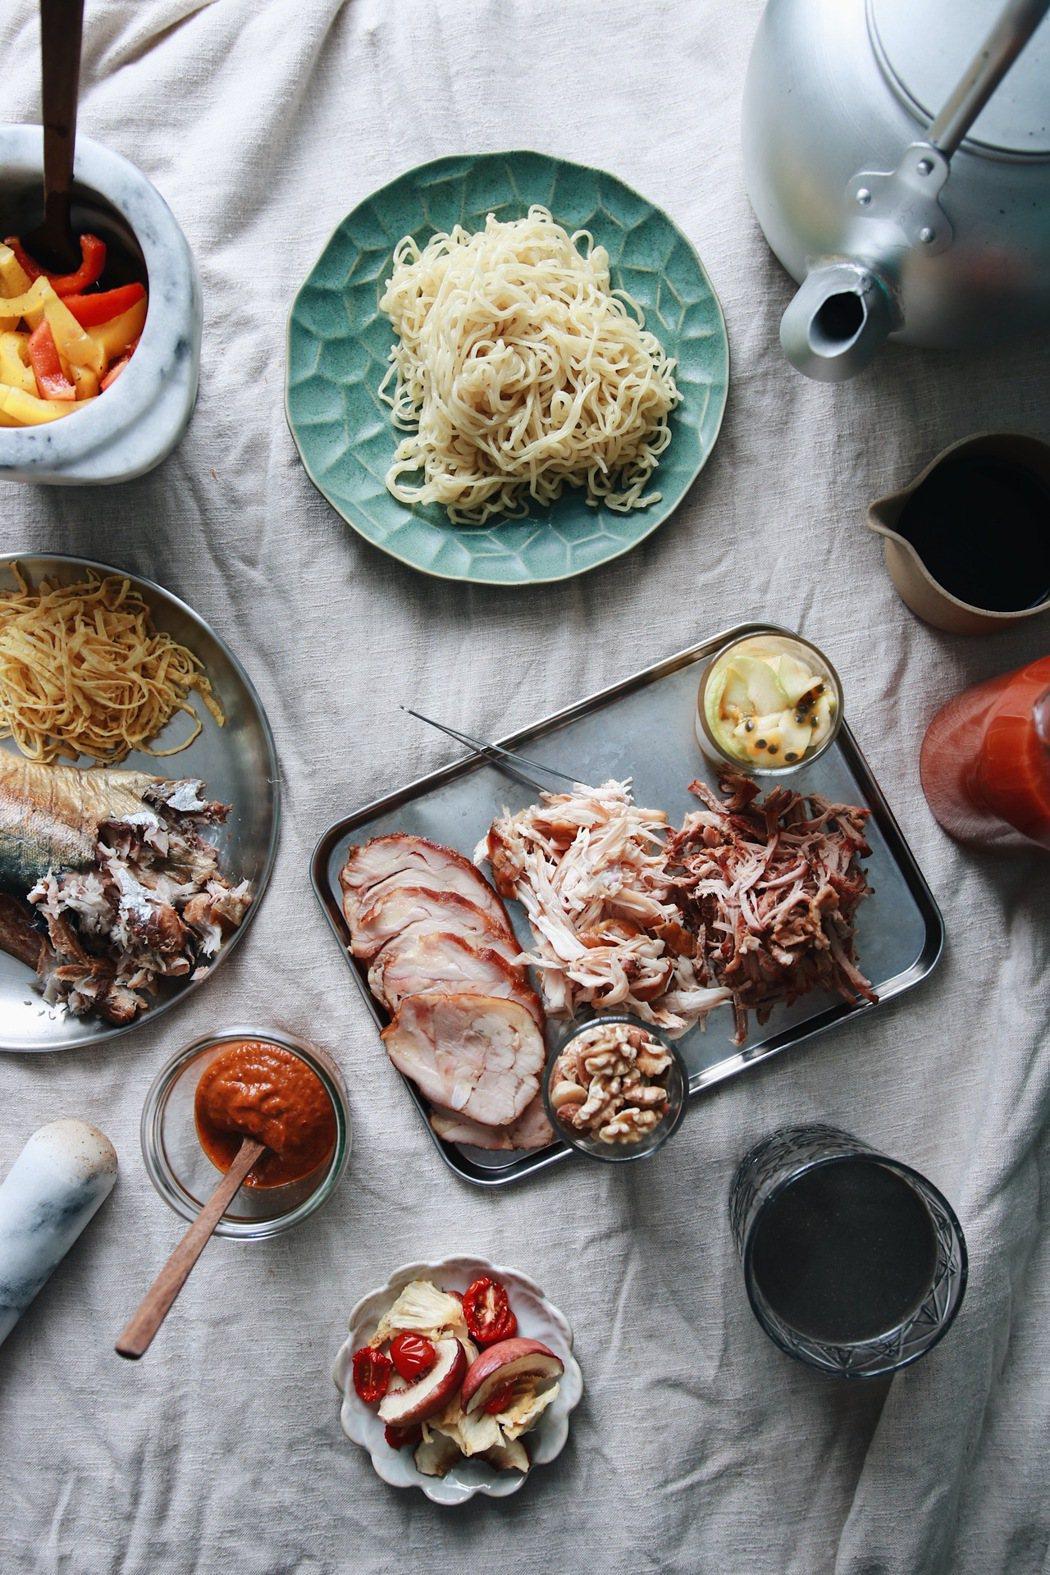 「野人煙燻冷拌麵」共有9種配料可供選擇。圖/Jimmy food place提供...